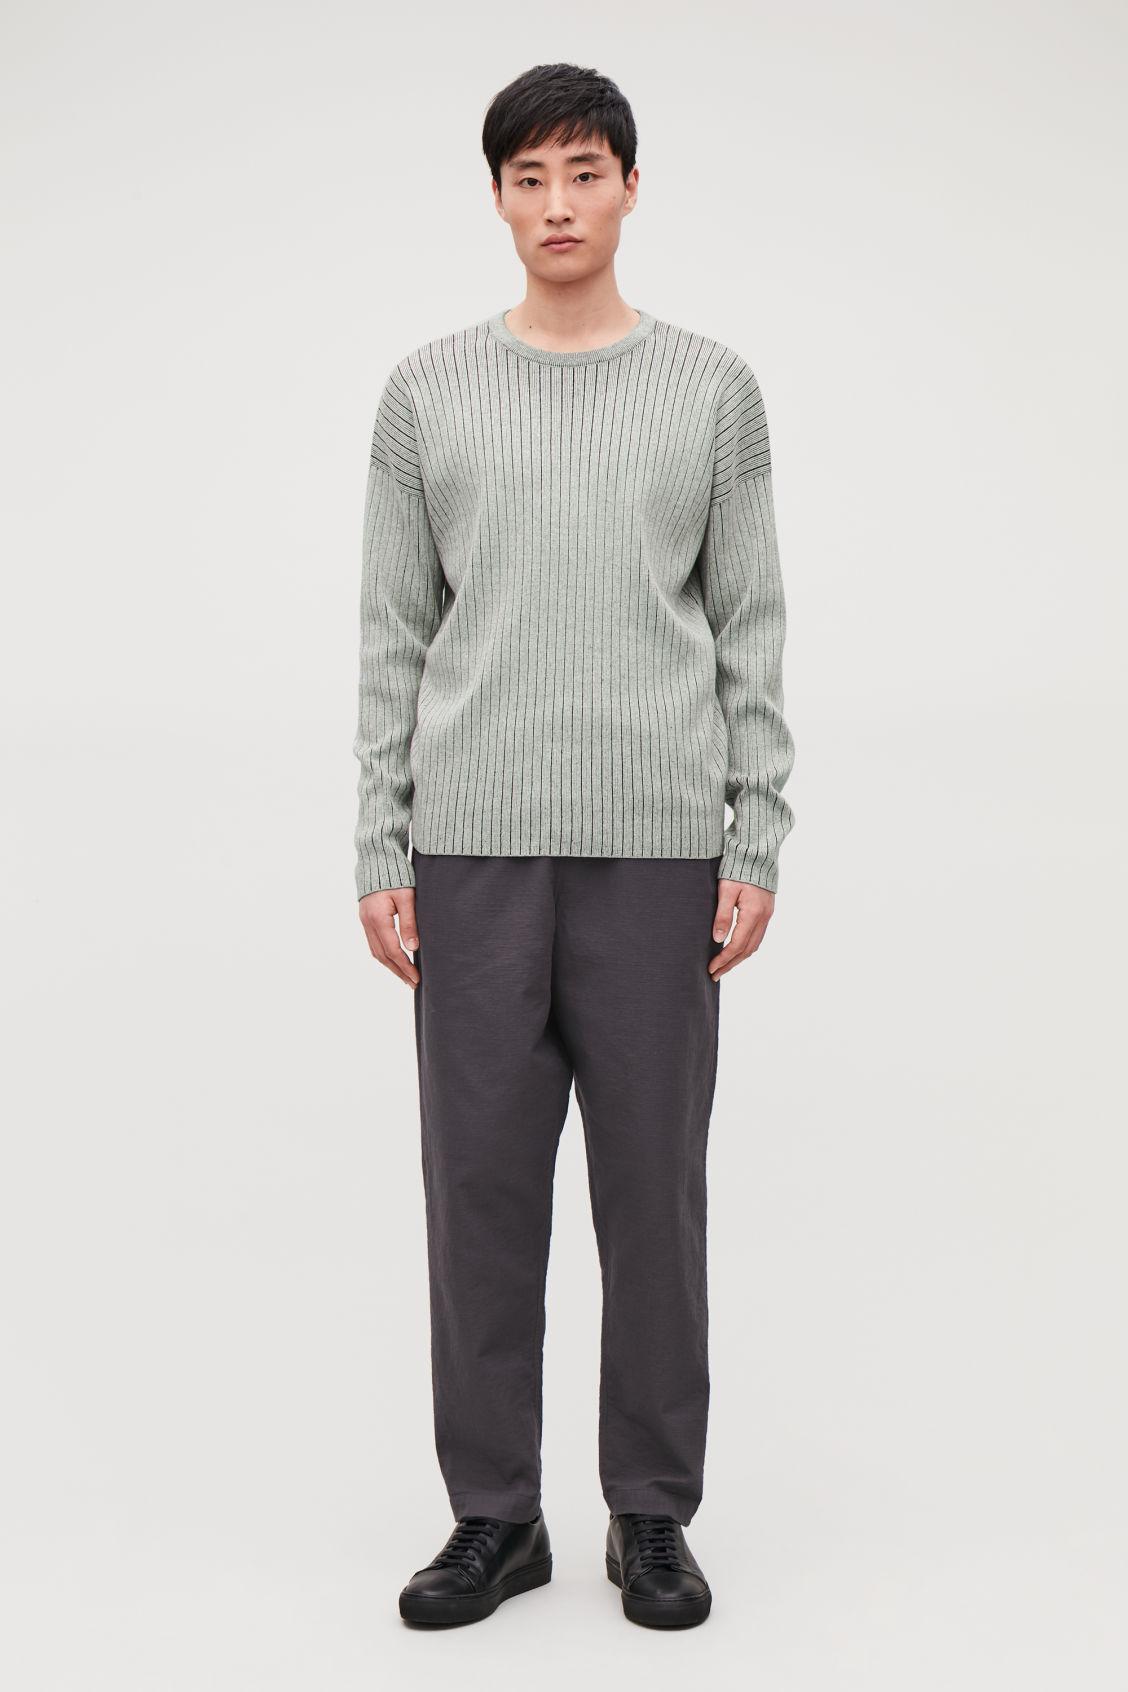 8f888a3e3345 KNITTED OVERSIZED JUMPER - Grey melange   black - Knitwear ...